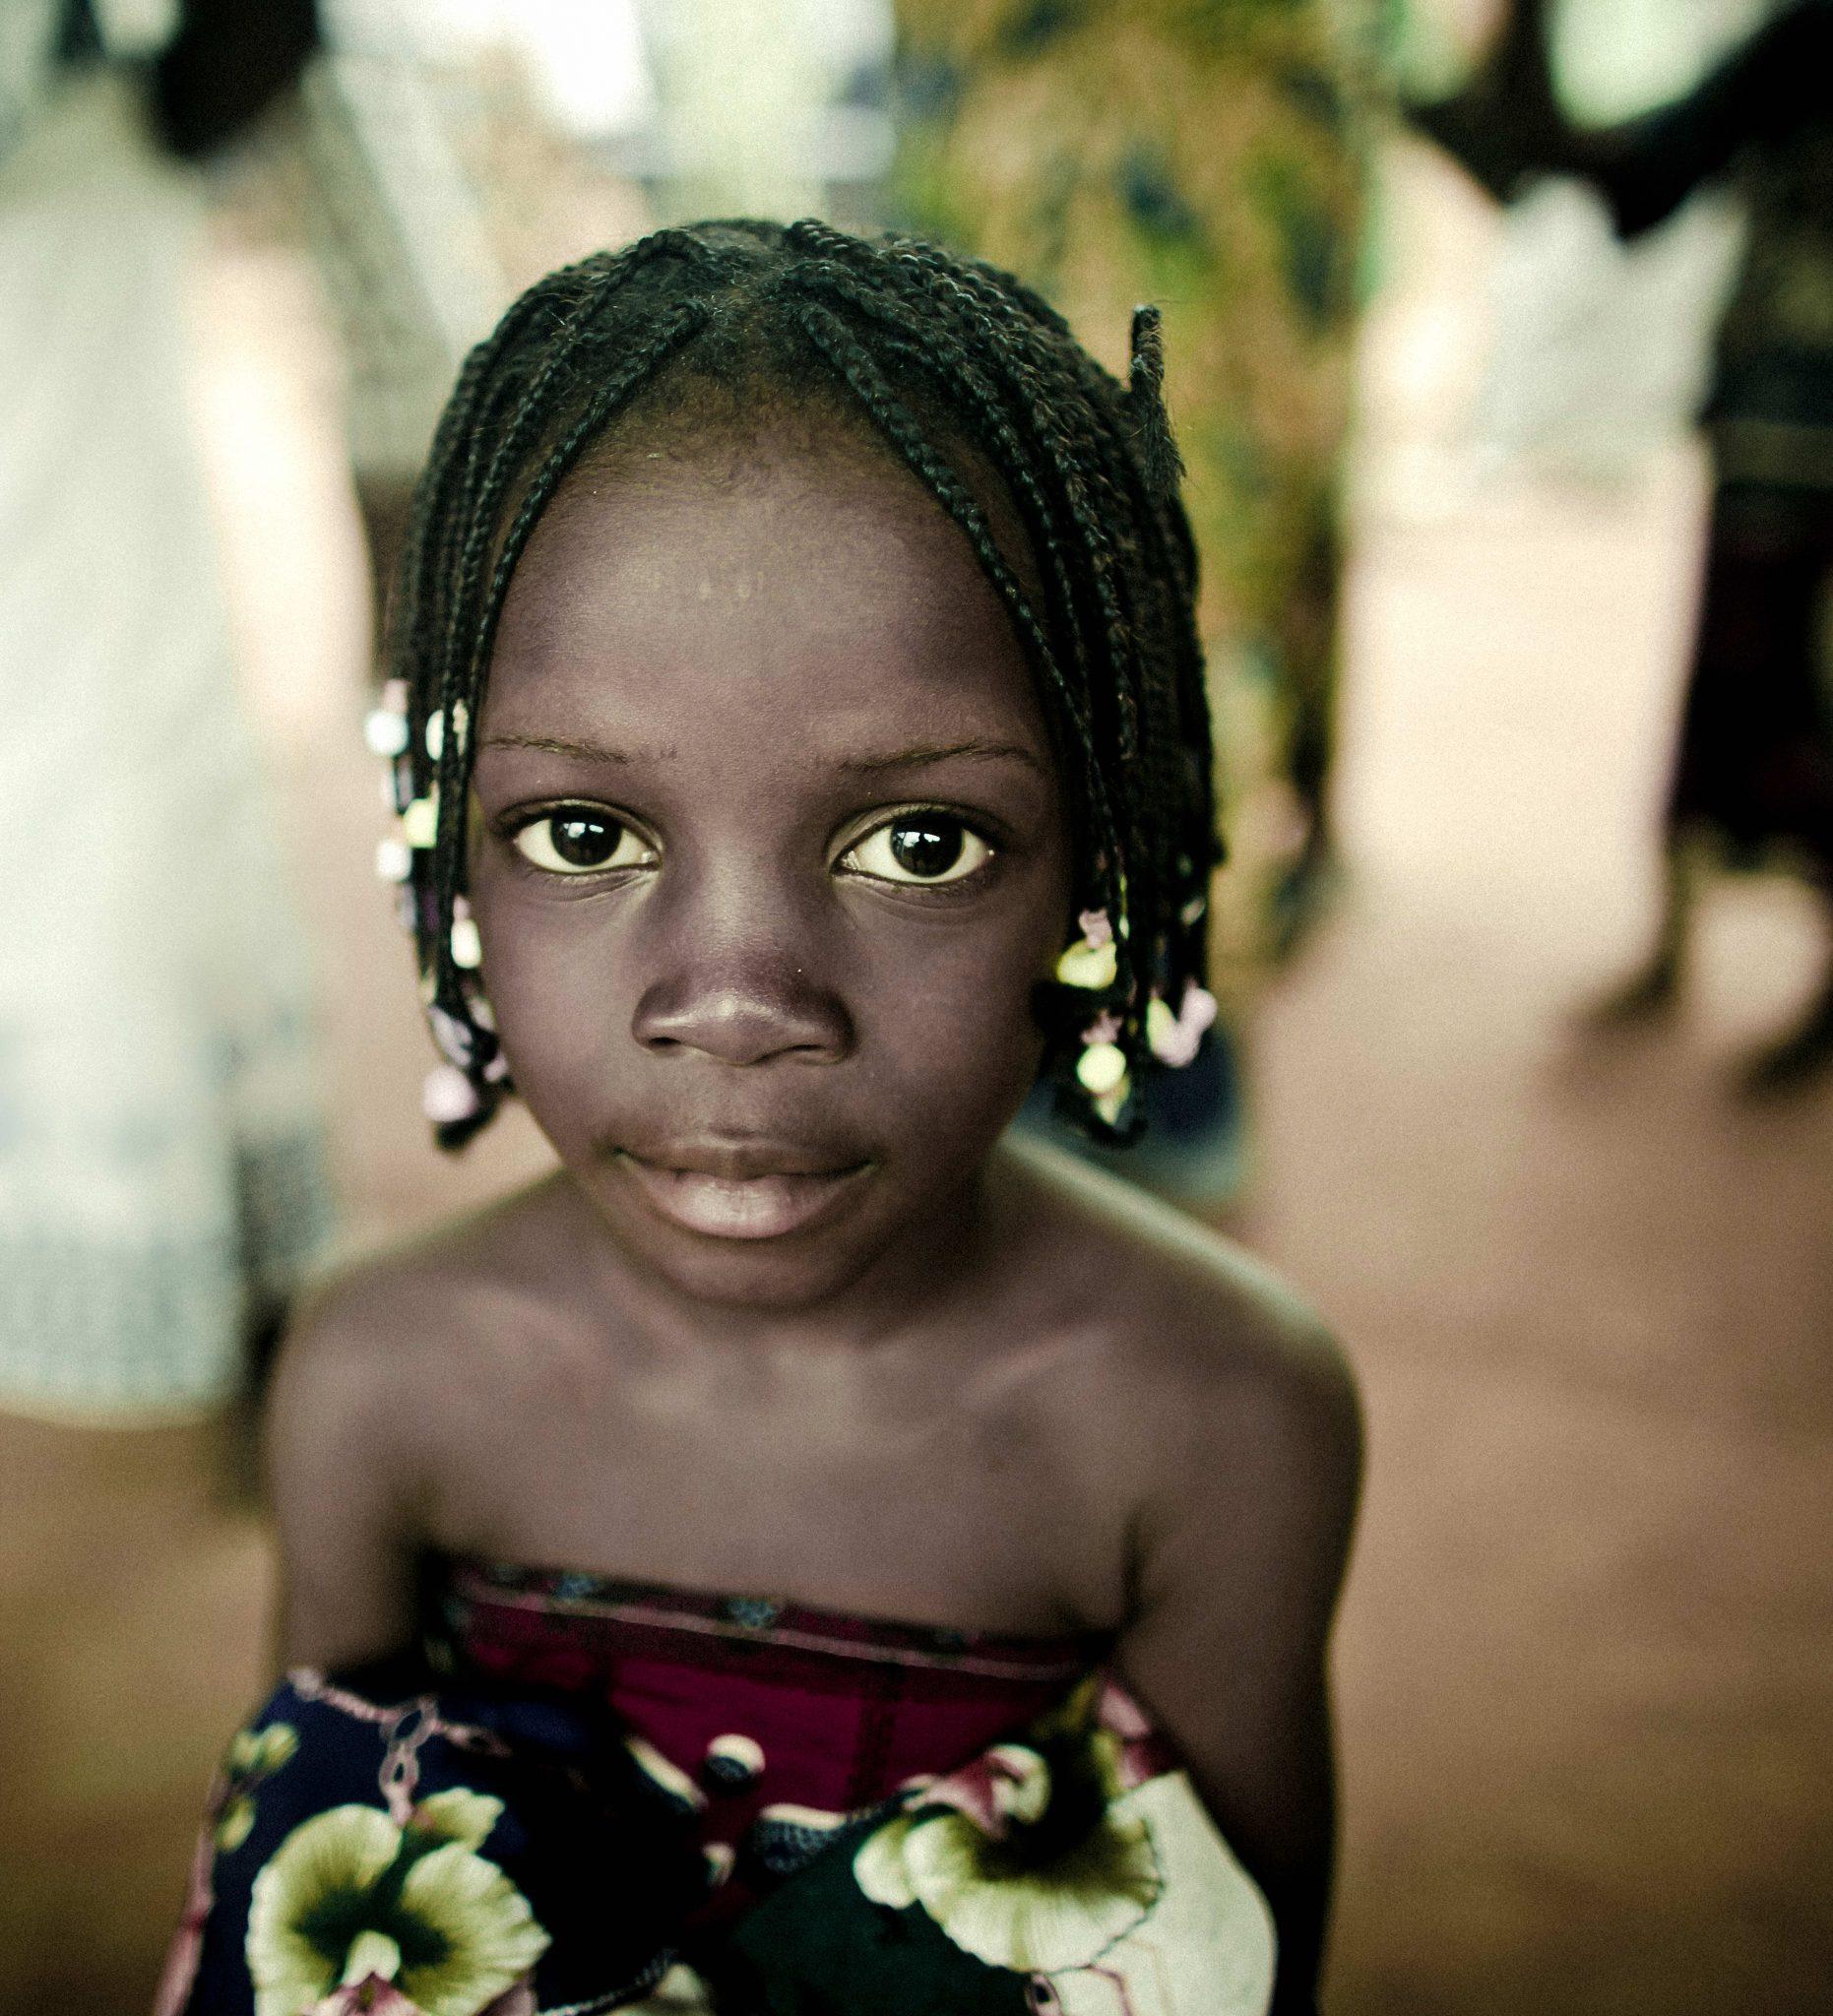 Girl in Benin